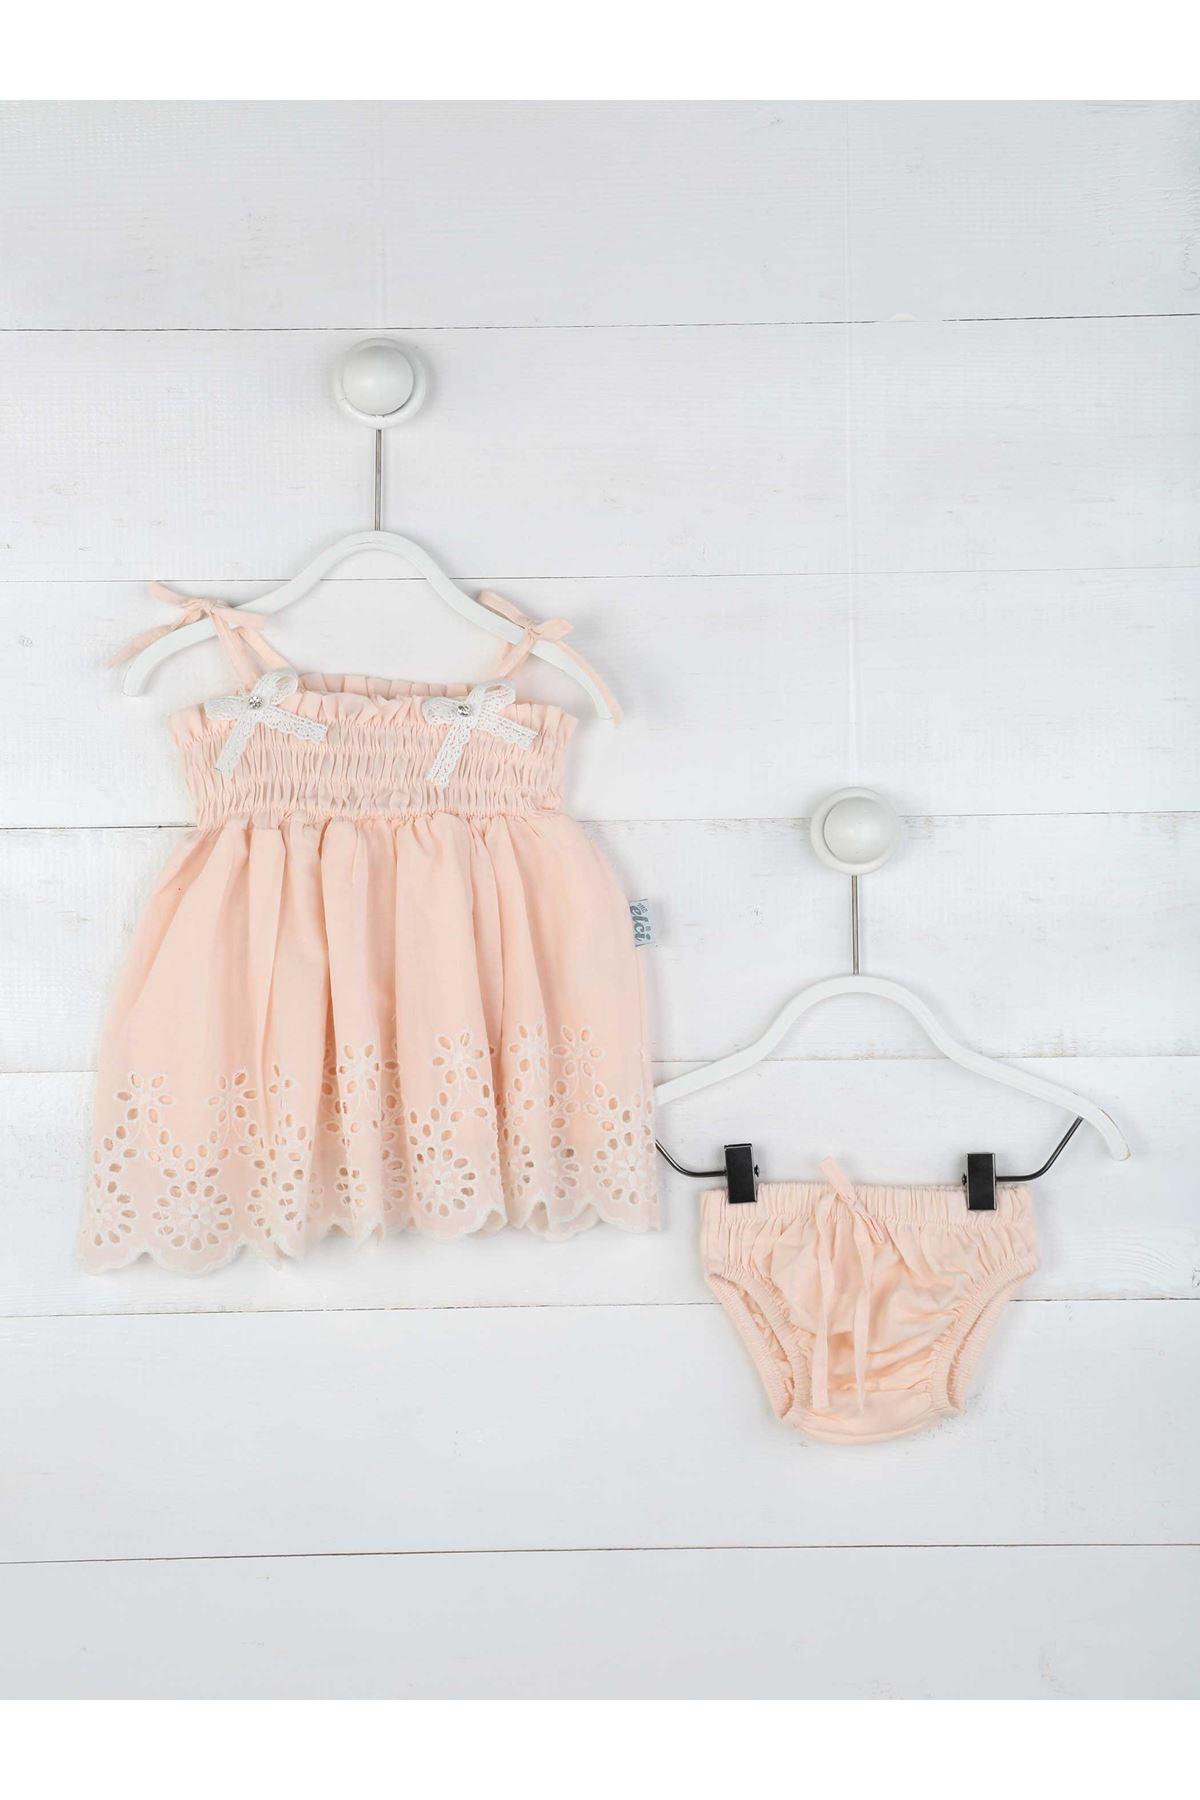 Pudra Yazlık Kız Bebek Elbise ve Külot